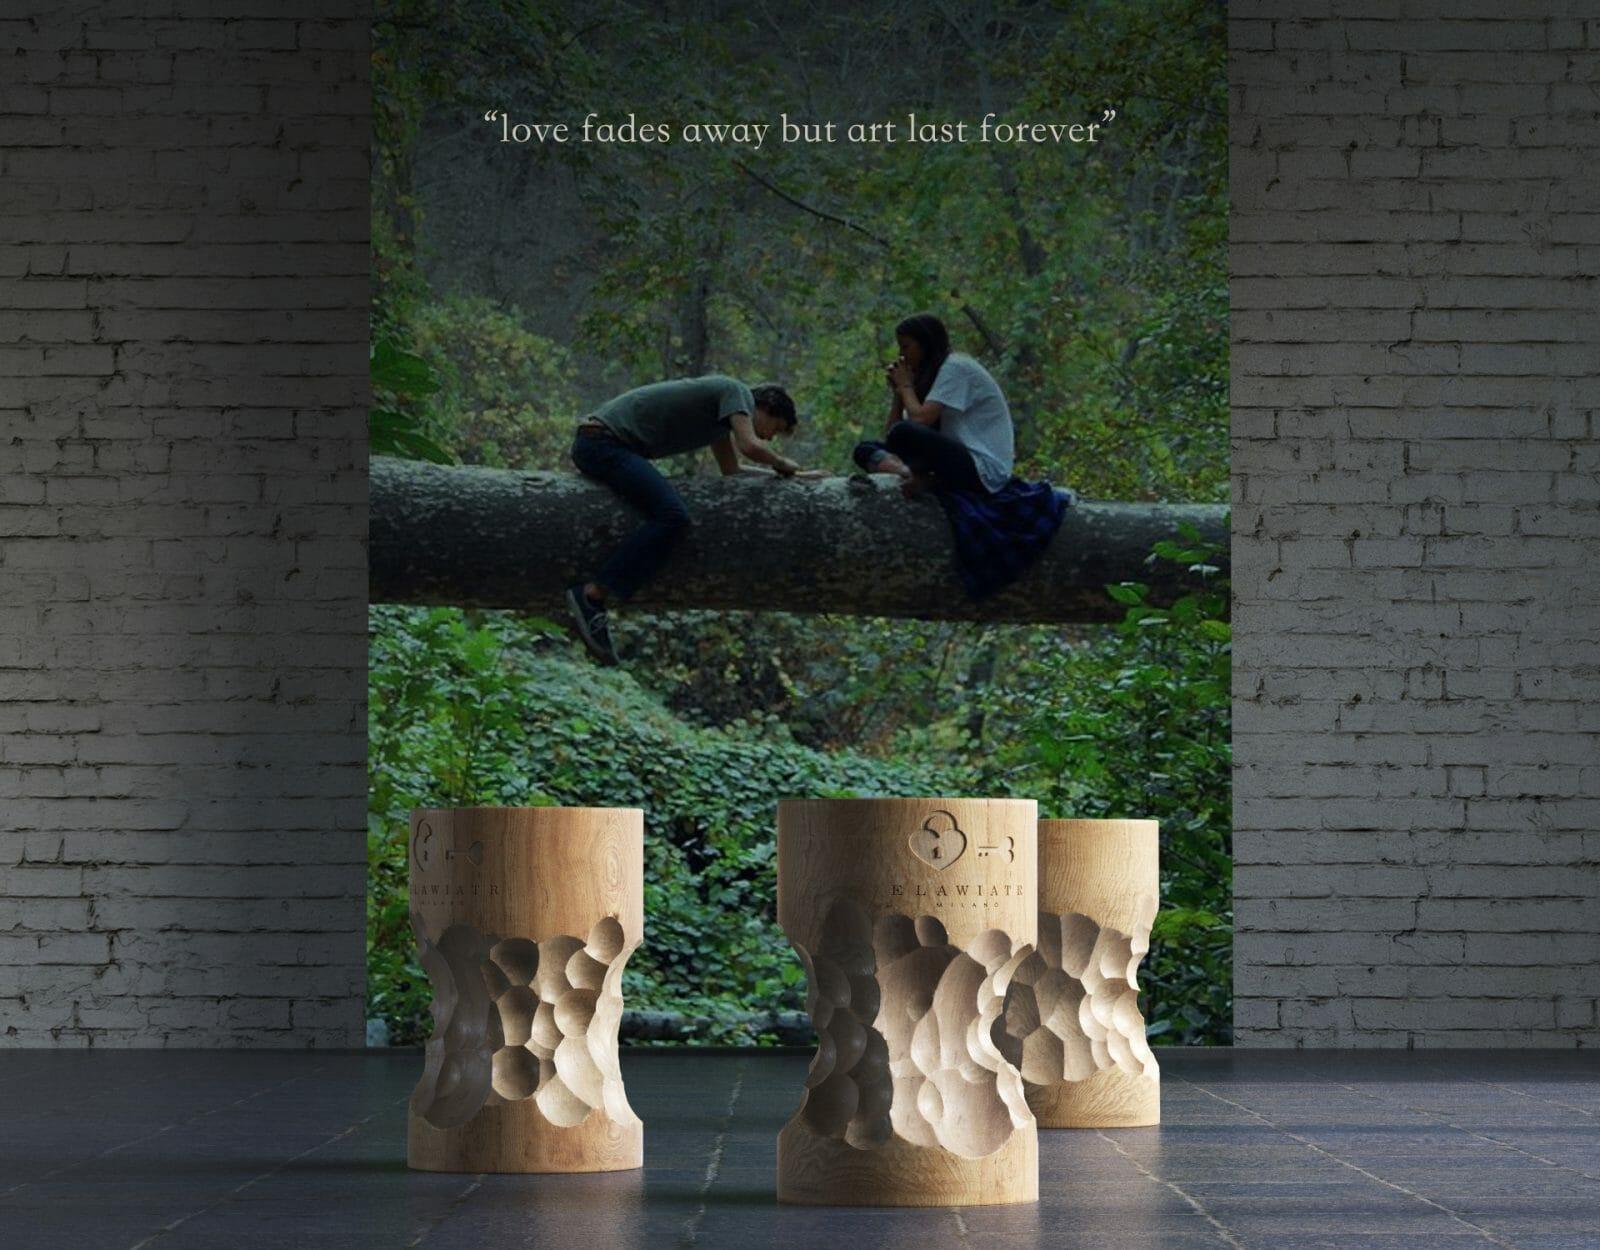 elawiatr wood ELAWIATR NEWRENAISSANCE ART